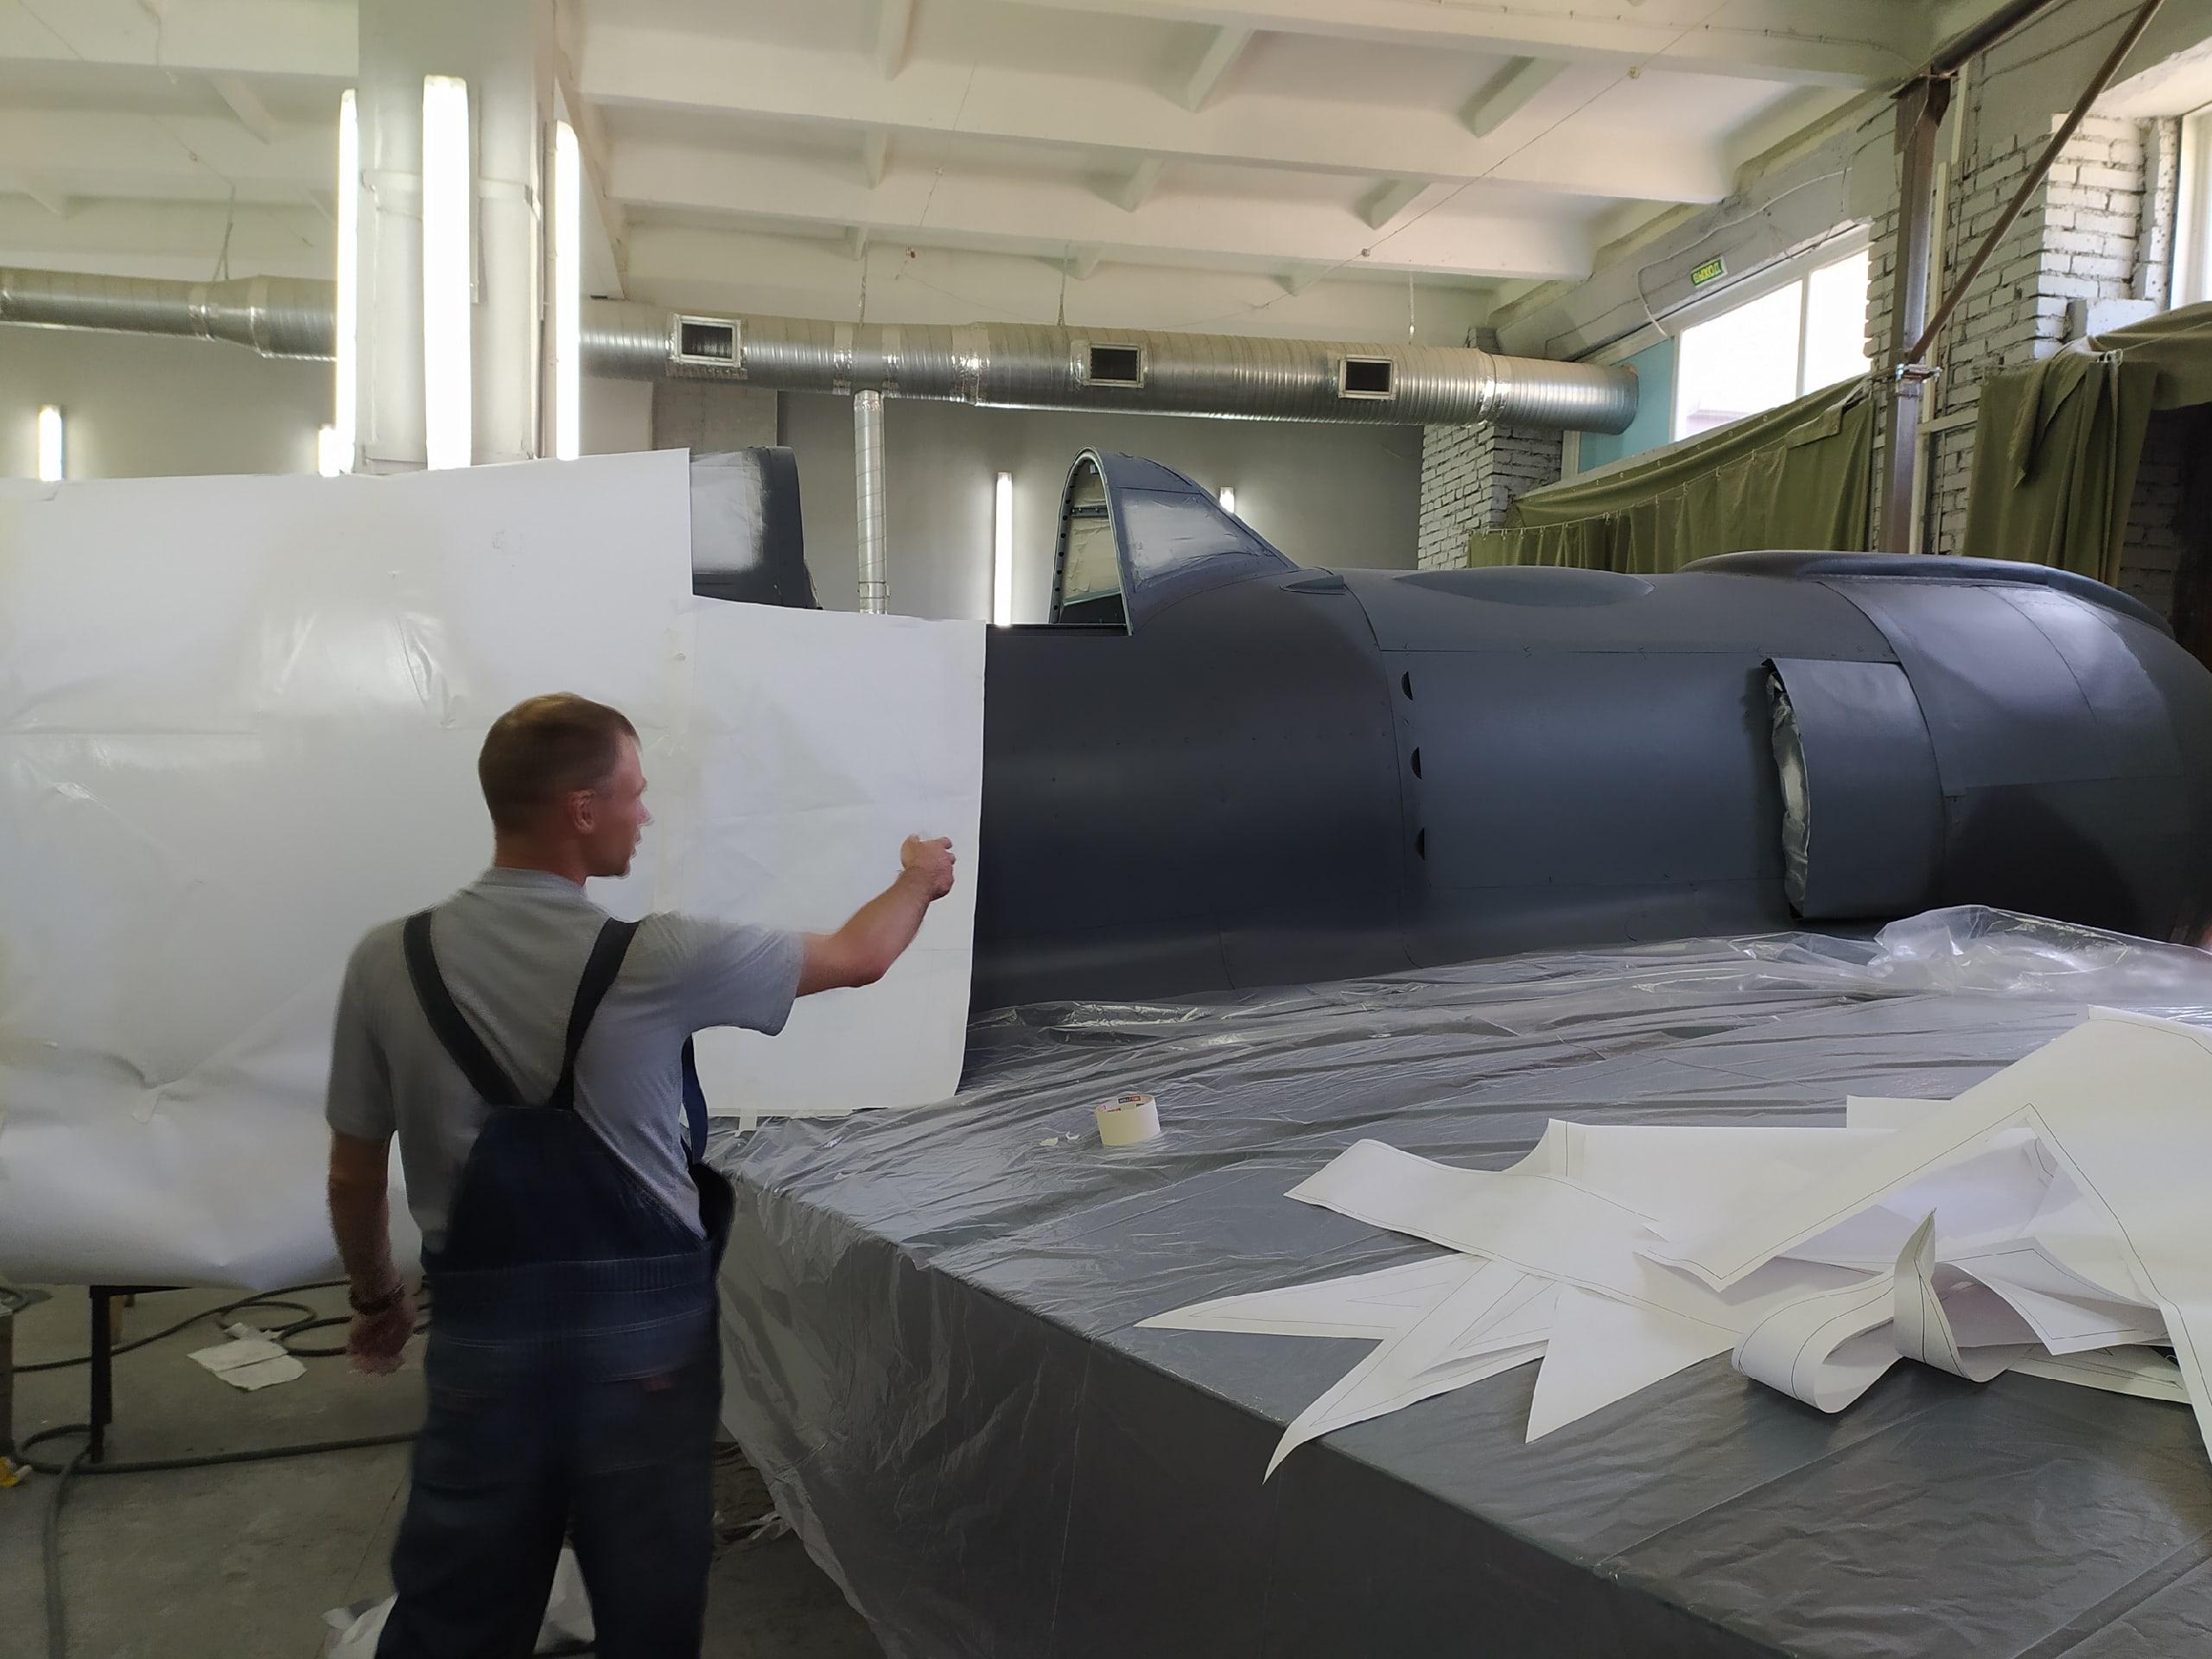 фото В Новосибирске восстанавливают уникальный истребитель времён Второй мировой: на корпусе Ла-5 снова засияют красные звёзды 2